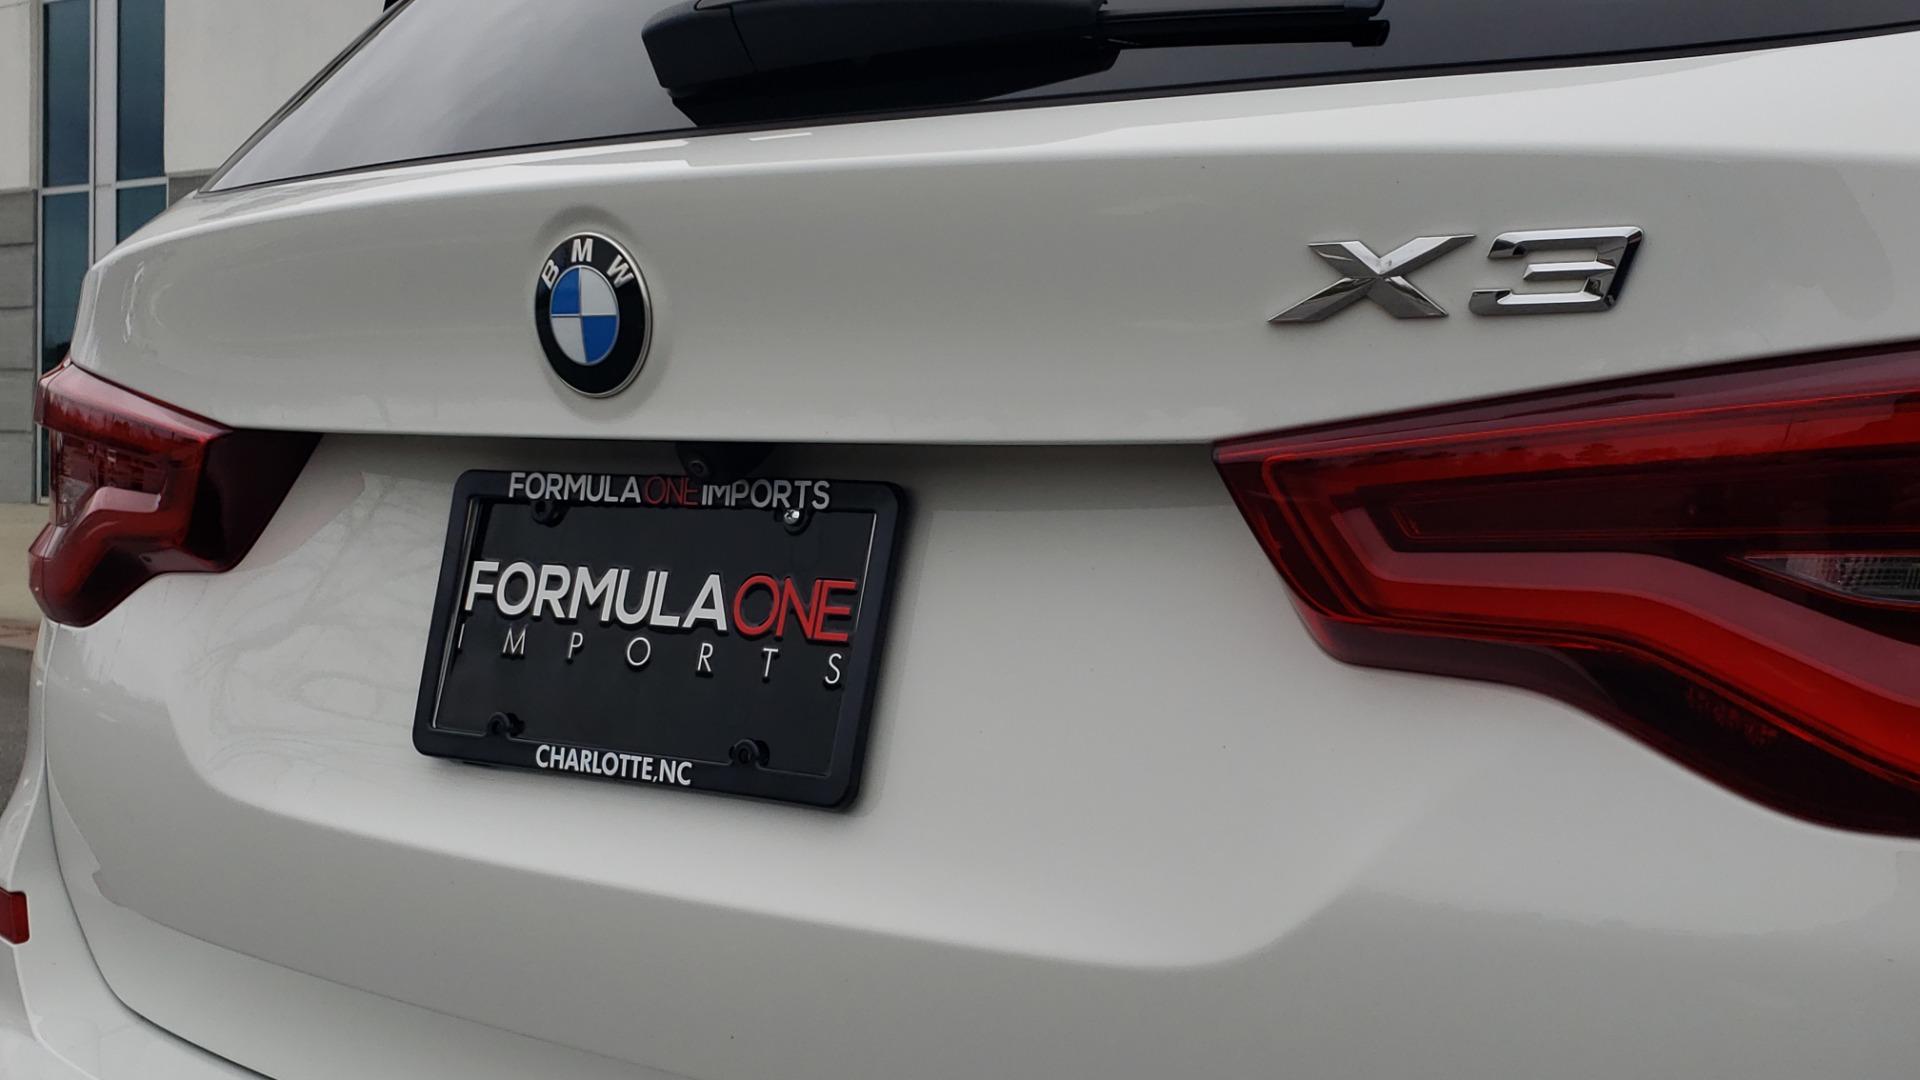 Used 2018 BMW X3 XDRIVE30I / LUX PKG / PREM PKG / CONV PKG / PDC / APPLE CARPLAY for sale Sold at Formula Imports in Charlotte NC 28227 32